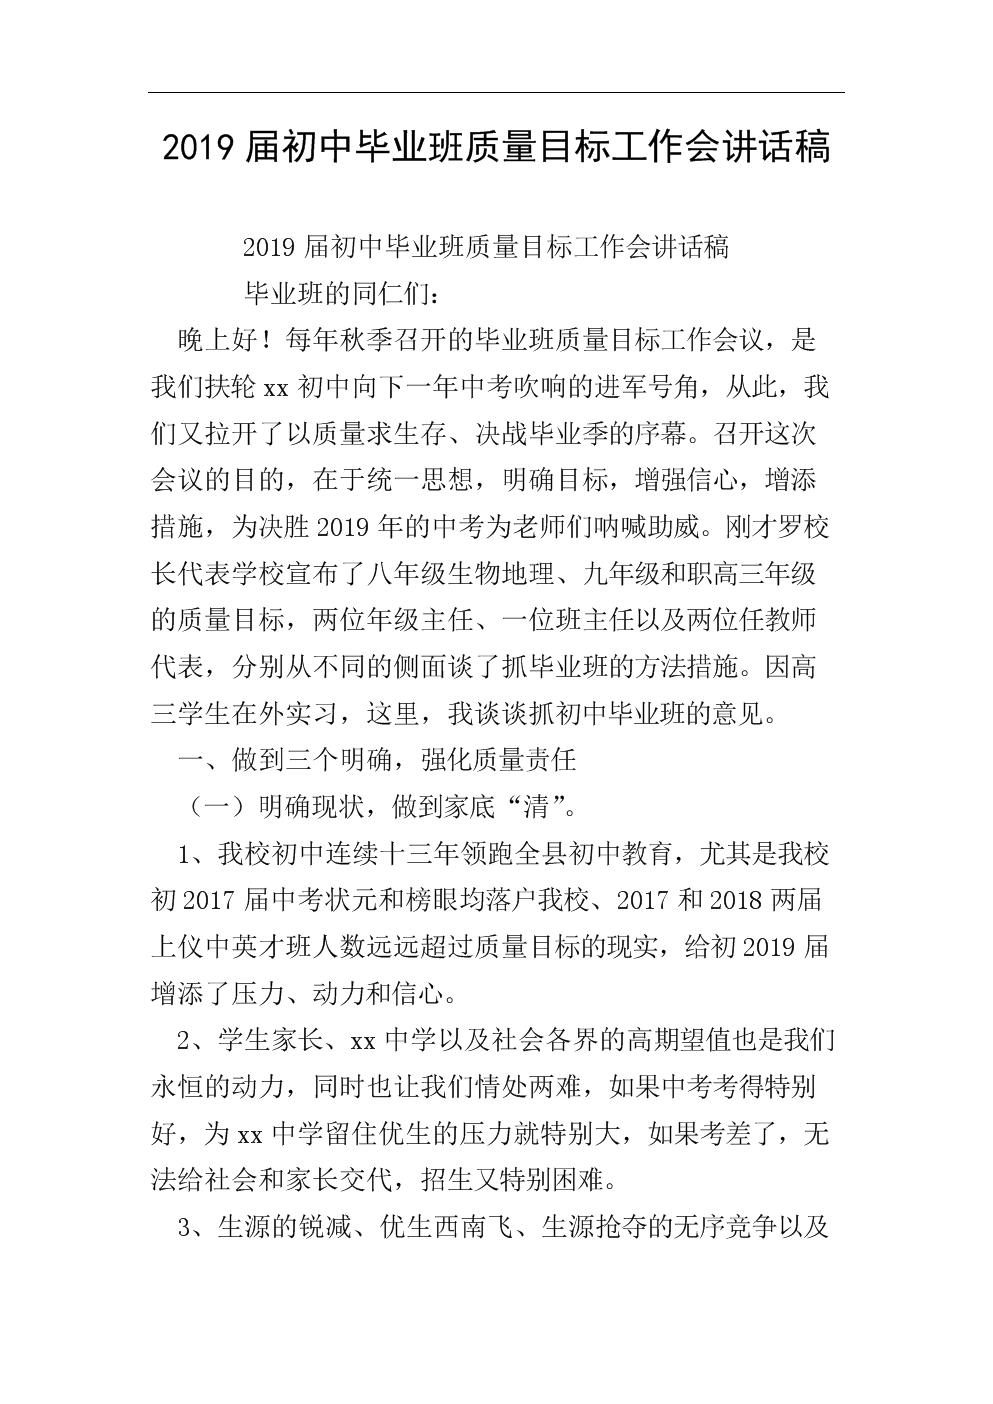 2019届人教毕业班质量初中v人教讲话稿.doc目标版结构初中英语图片